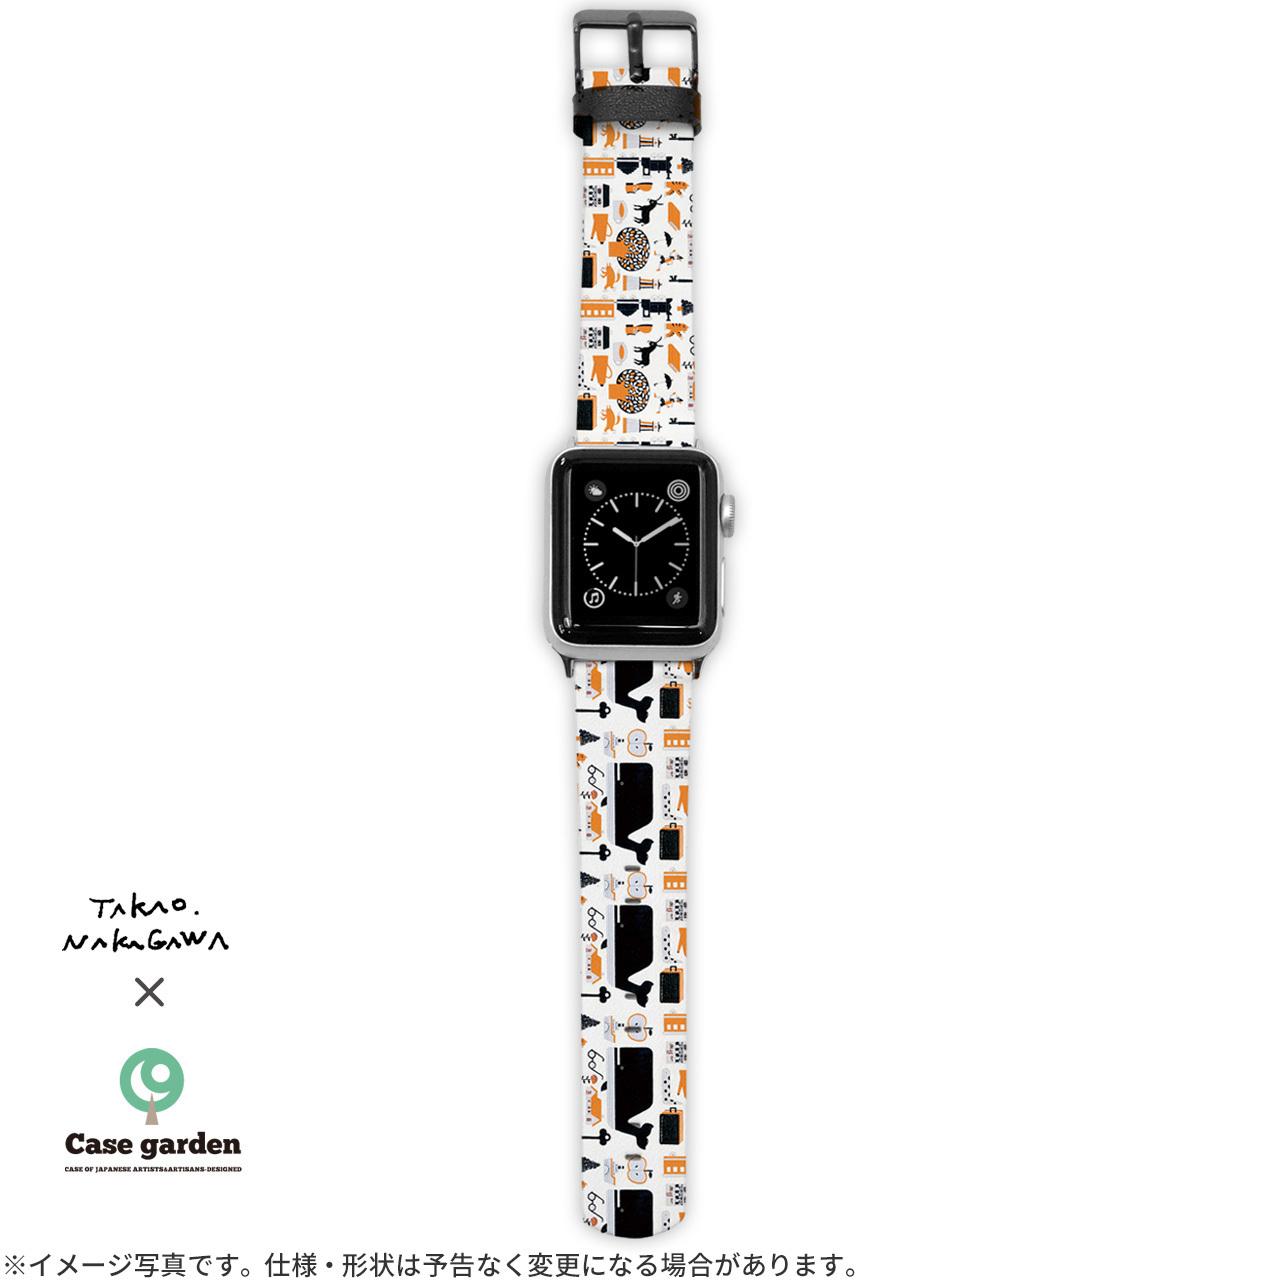 Apple Watch バンド アップルウォッチ ベルト 革 アップルウォッチ3 アップルウォッチ バンド レザー くじら 童話 ピノッキオの冒険/中川貴雄×ケースガーデン